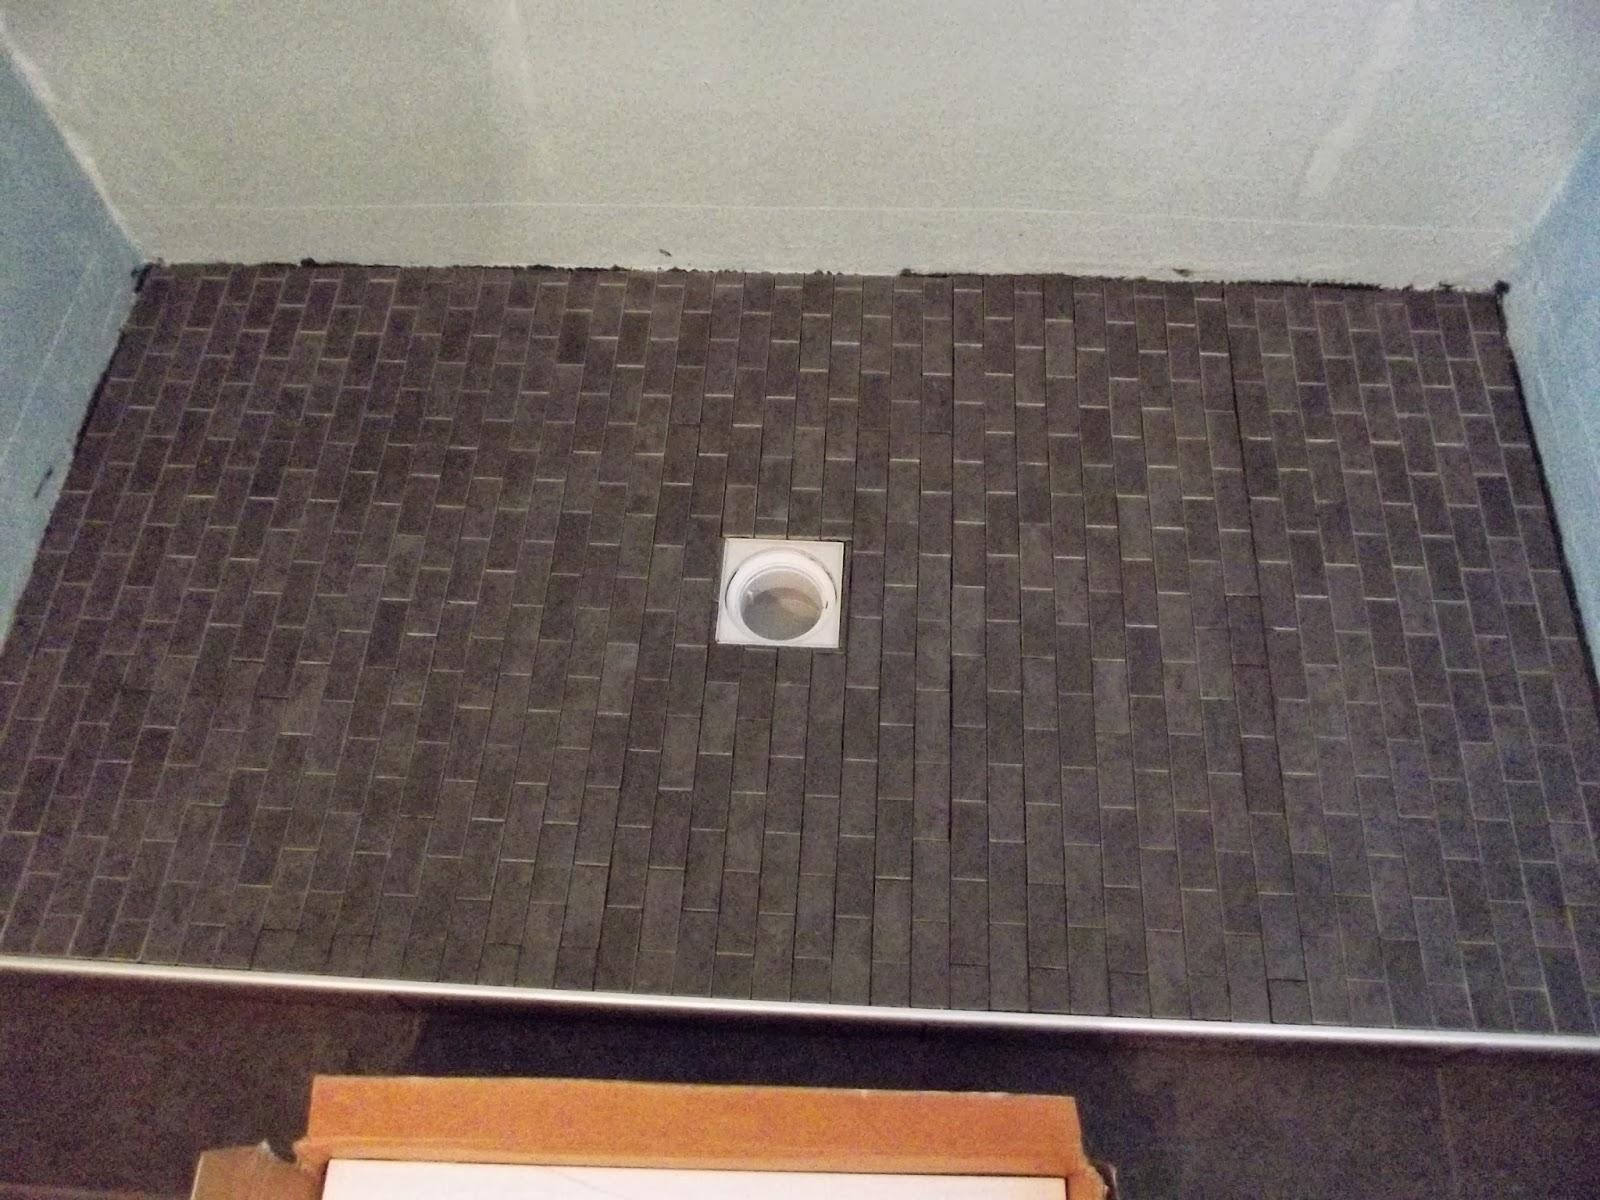 Frise Salle De Bain Mosaique : … Création: salle de bain avec une douche en mosaïque noire et frise